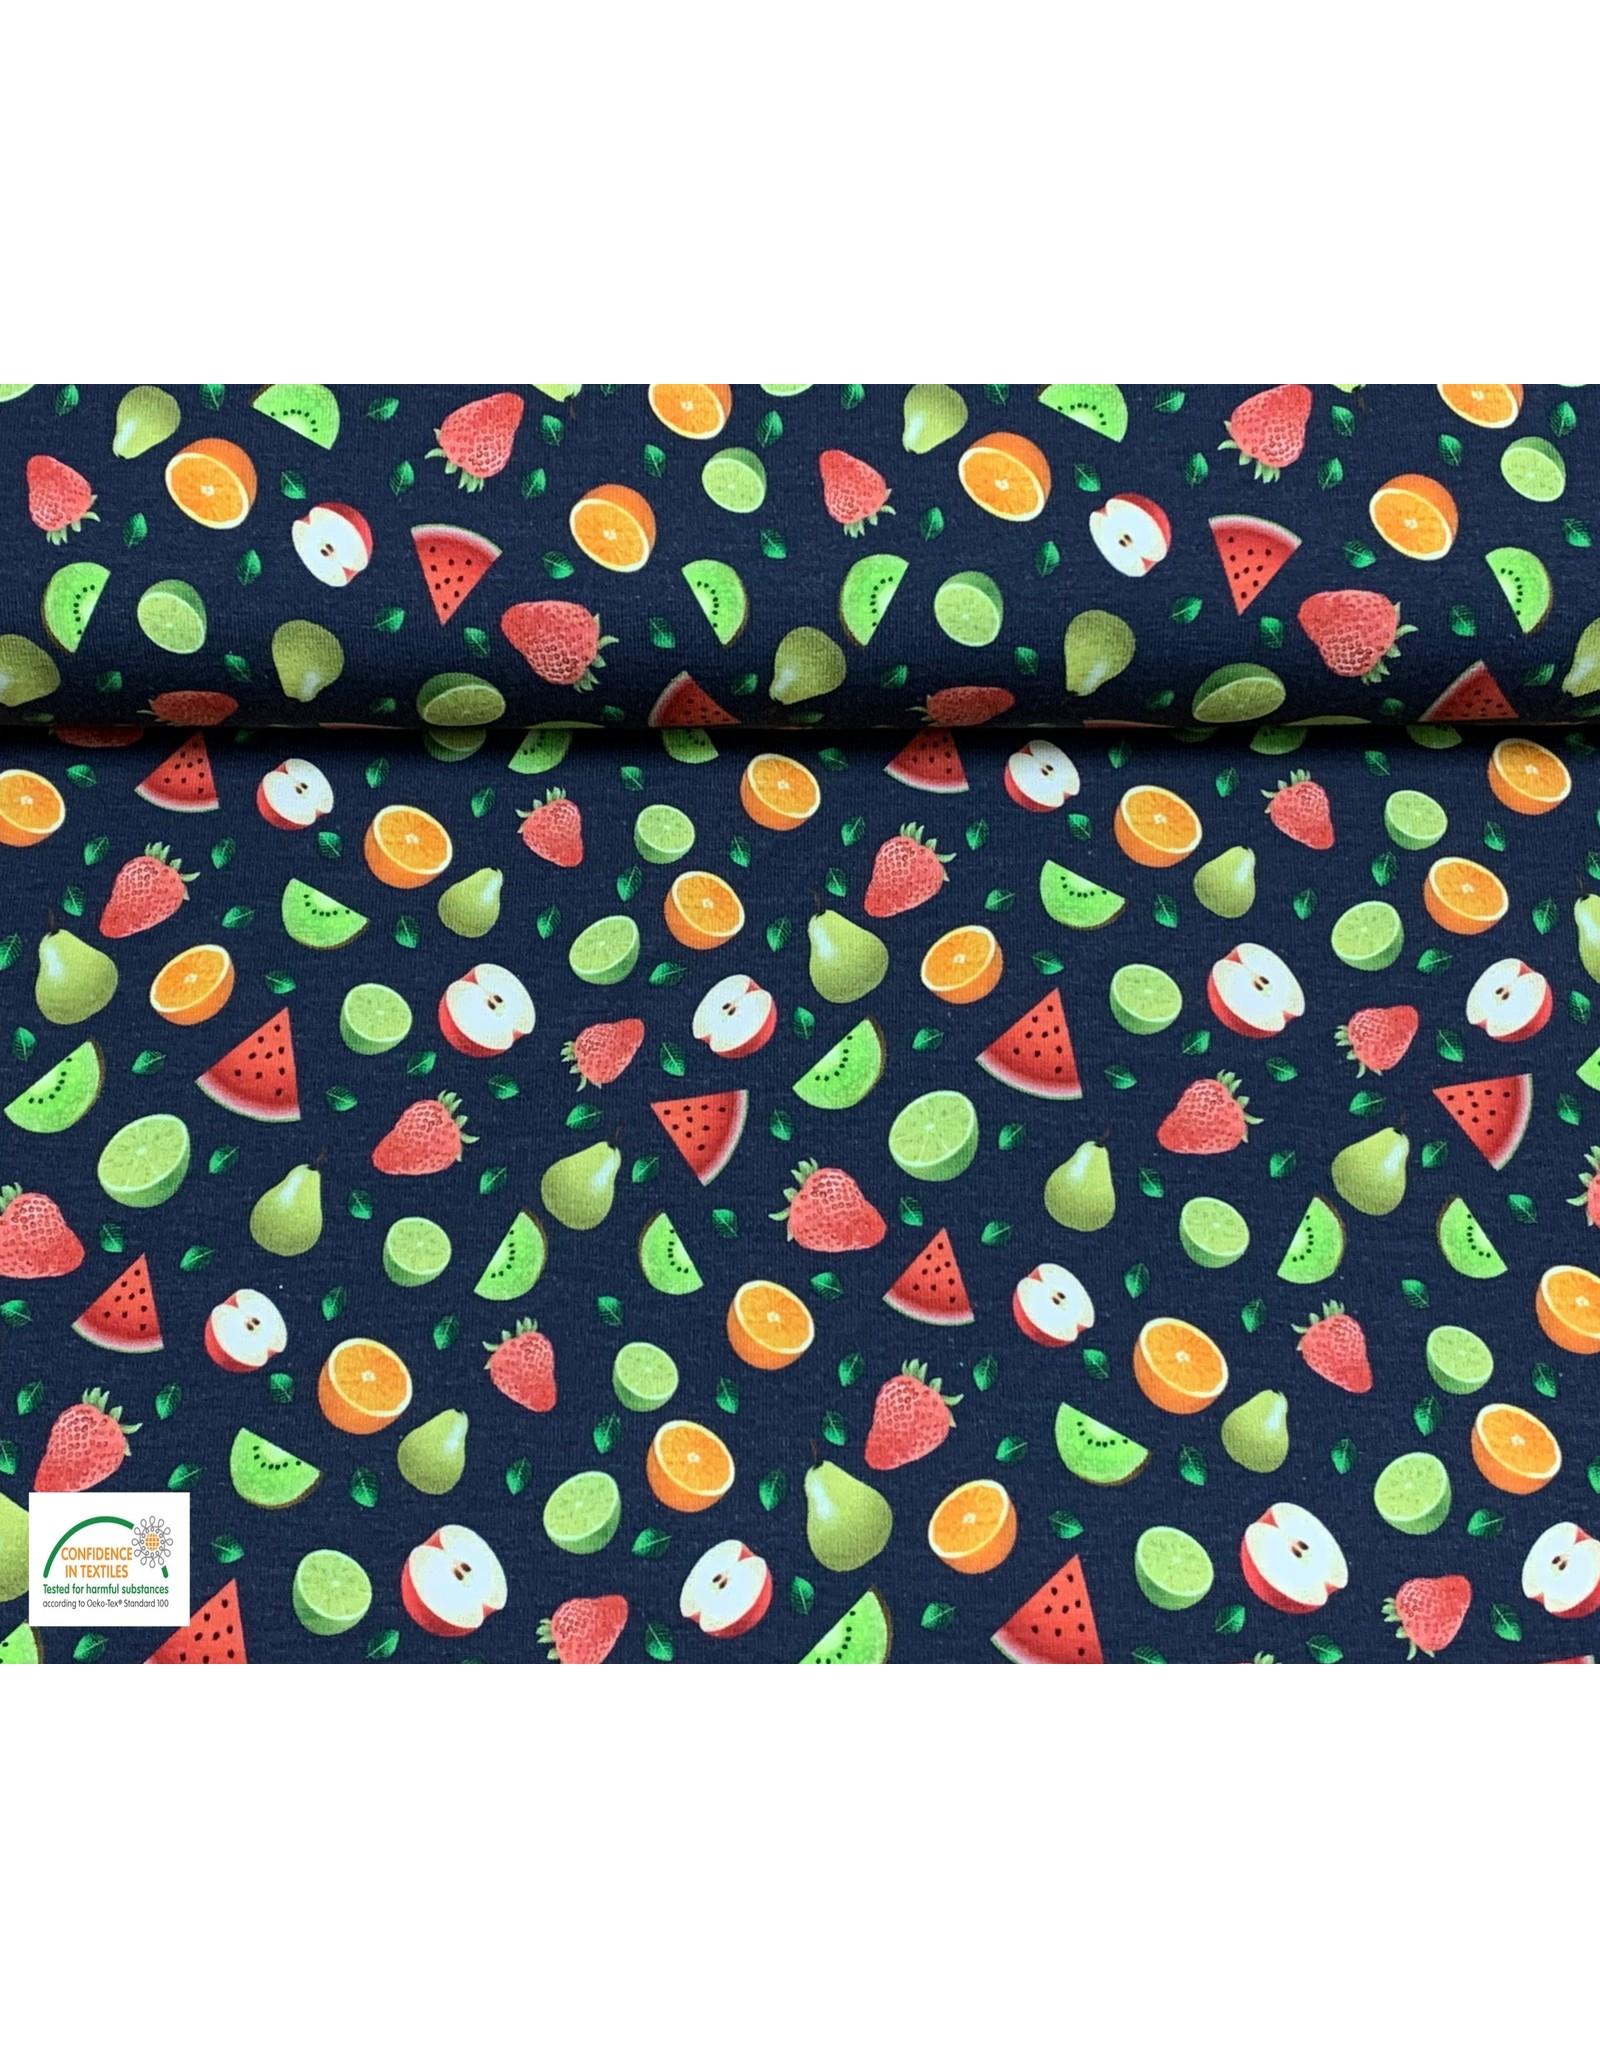 Megan Blue Fabrics Bauwmolljersey Fruits navy